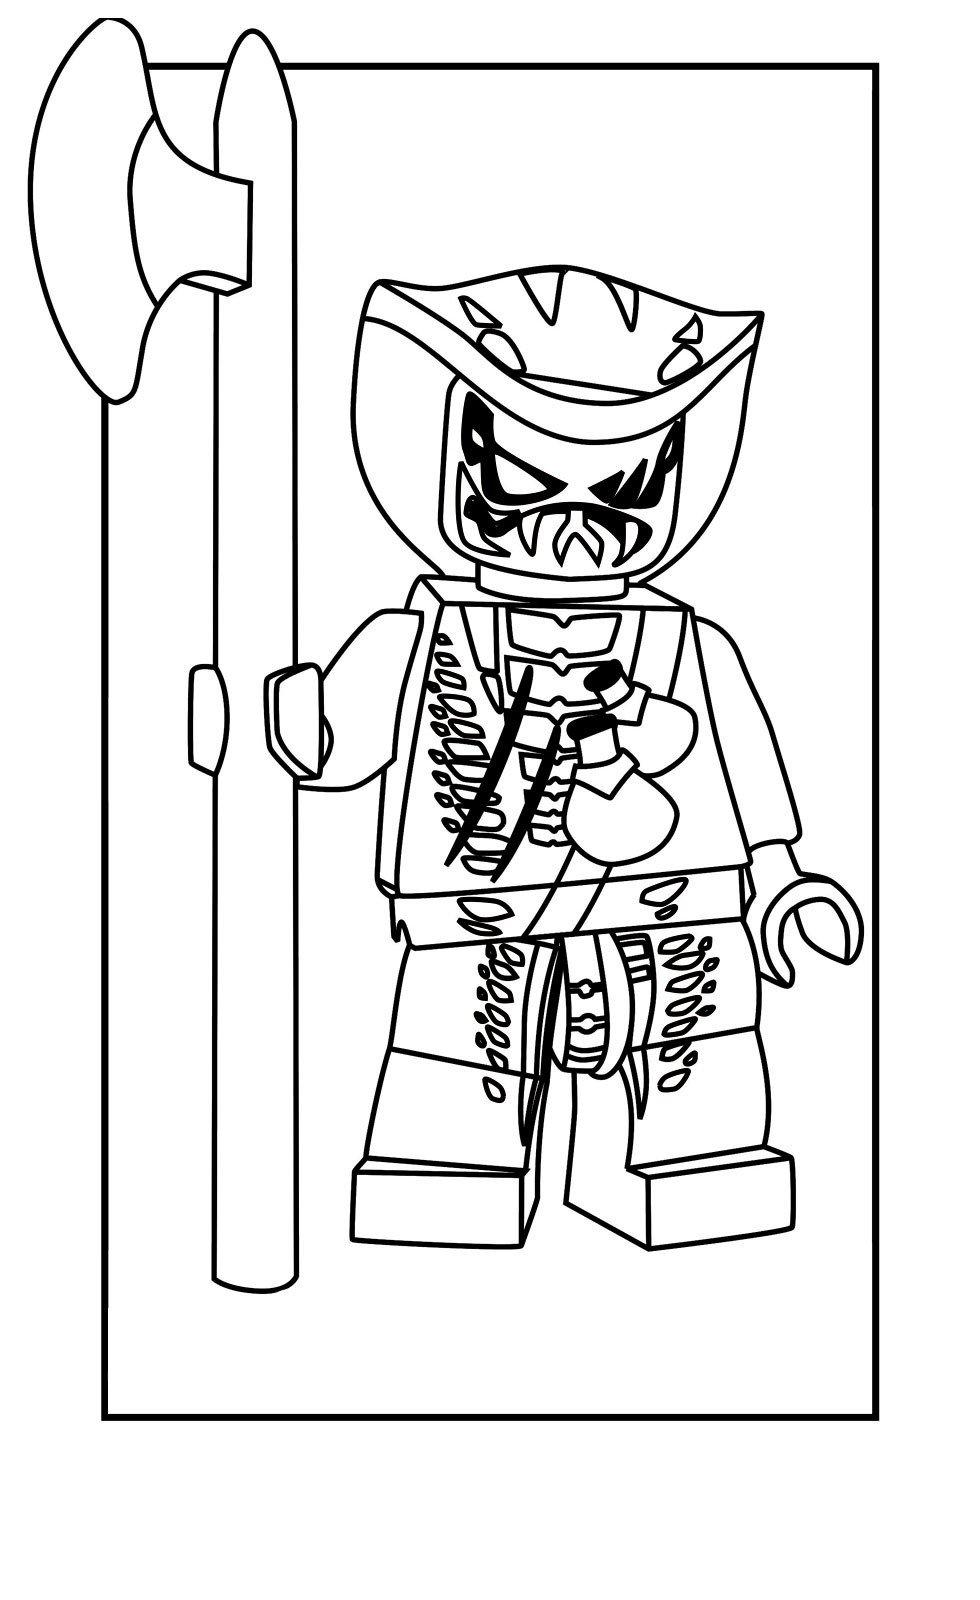 Воин Лаша - Картинка для раскрашивания красками-гуашью